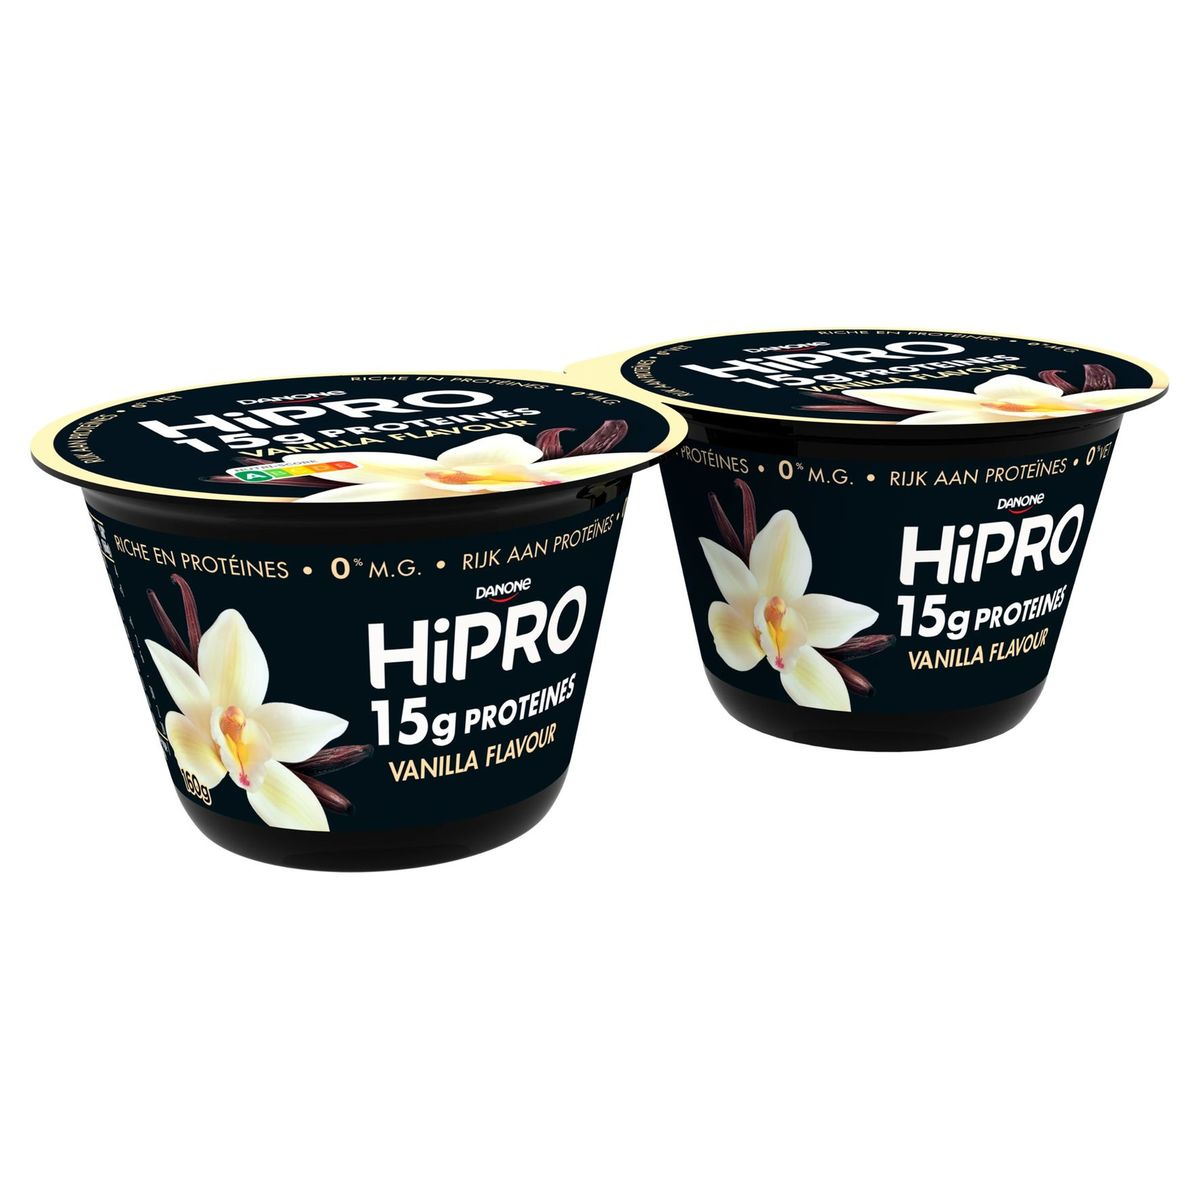 HiPRO en Pot Saveur Vanille avec 15 g de Protéines 2 x 160 g